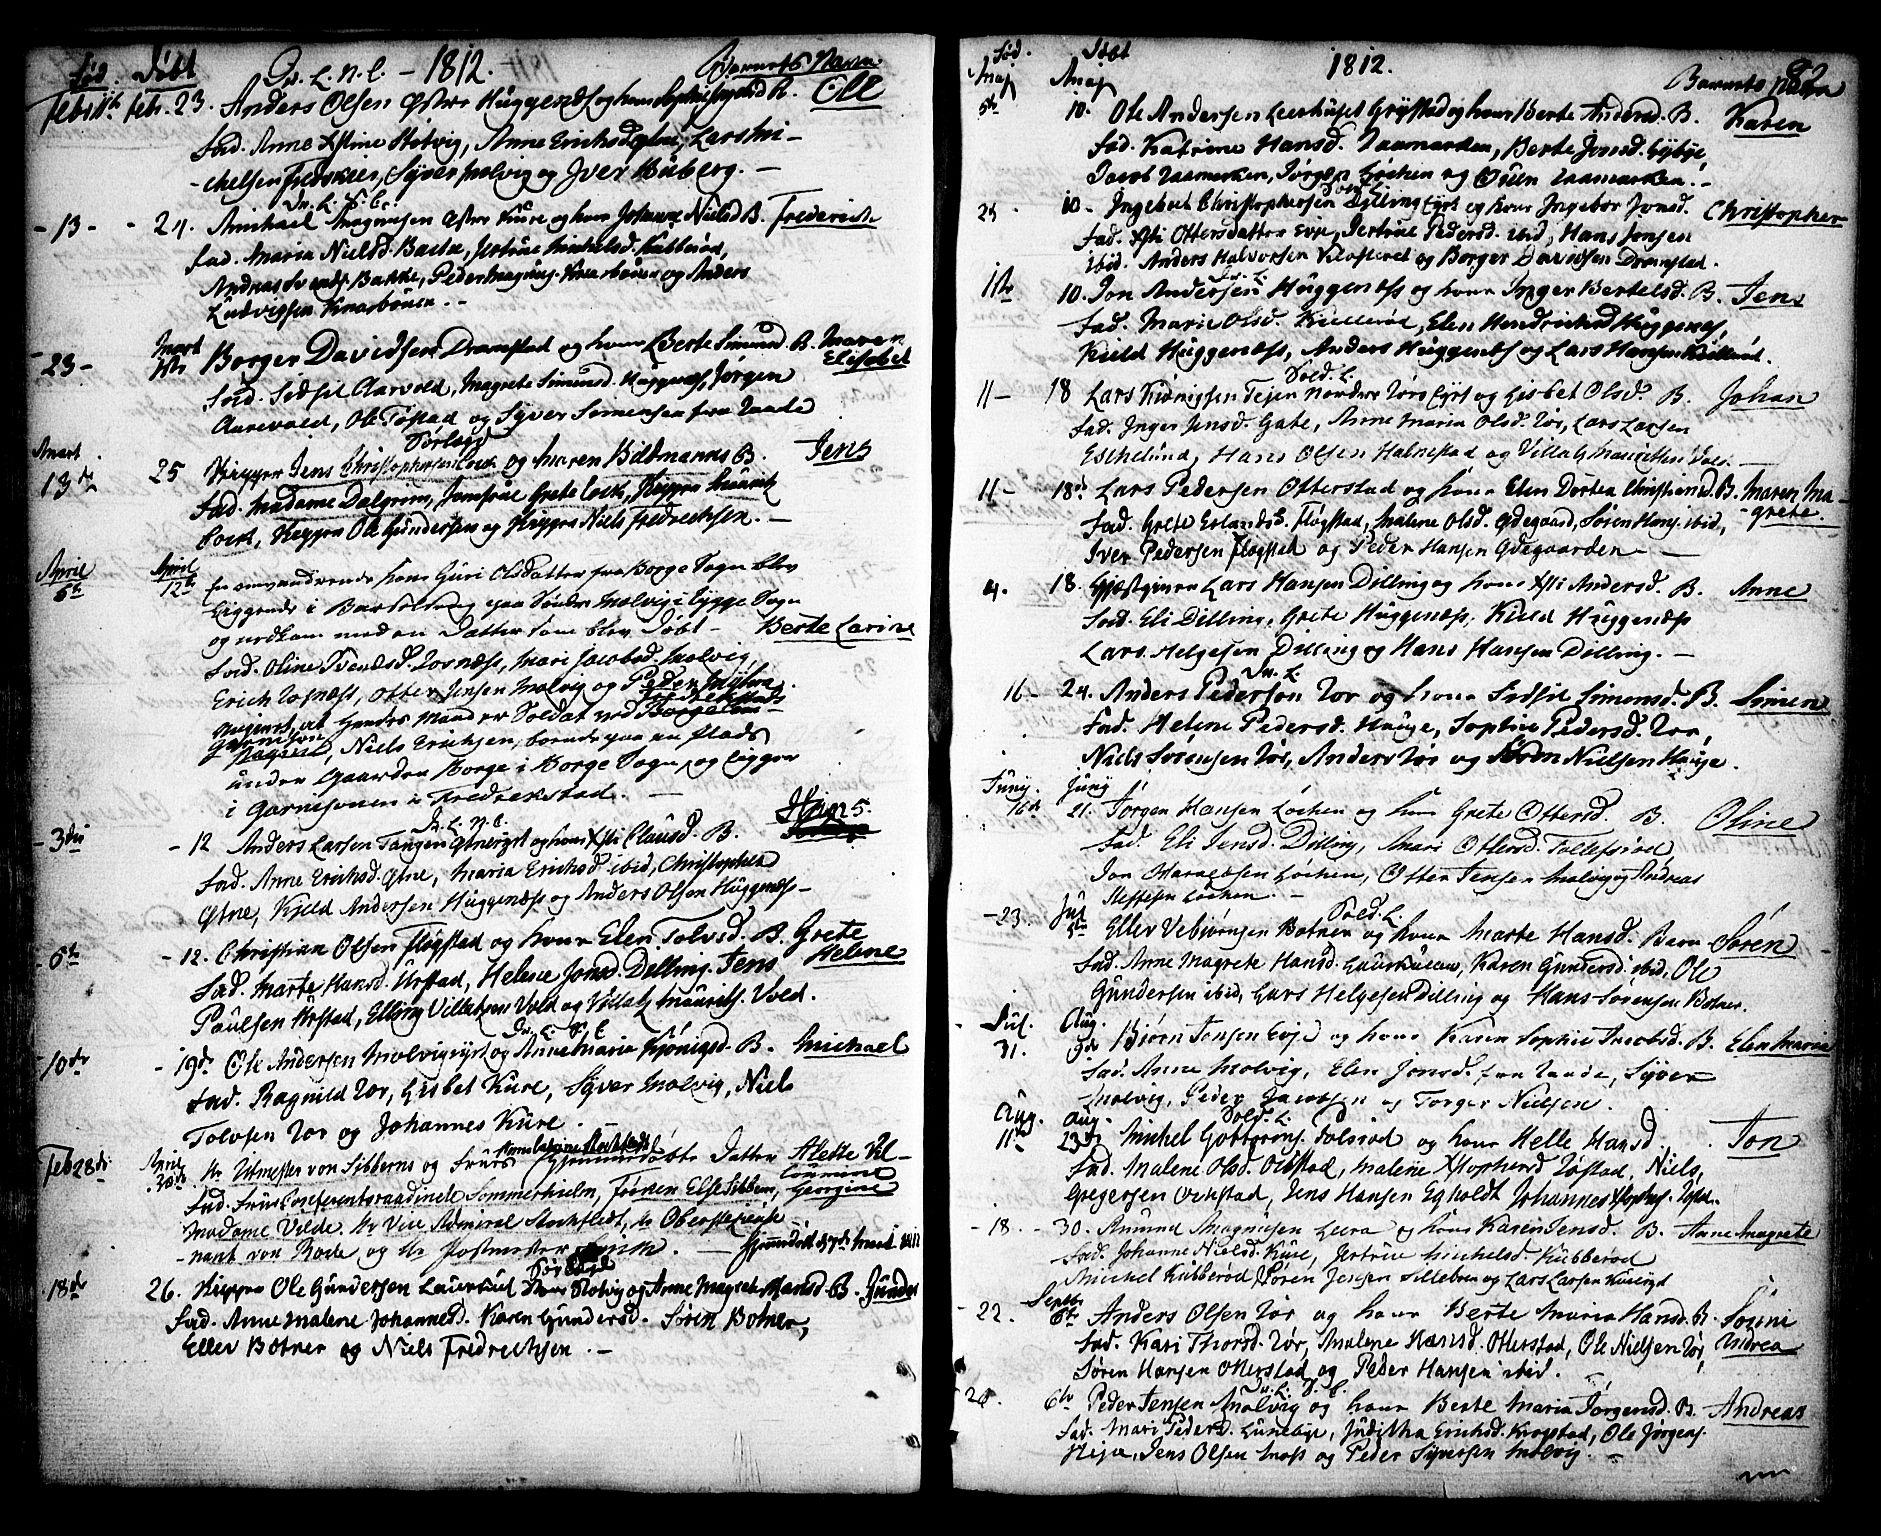 SAO, Rygge prestekontor Kirkebøker, F/Fa/L0002: Ministerialbok nr. 2, 1771-1814, s. 82